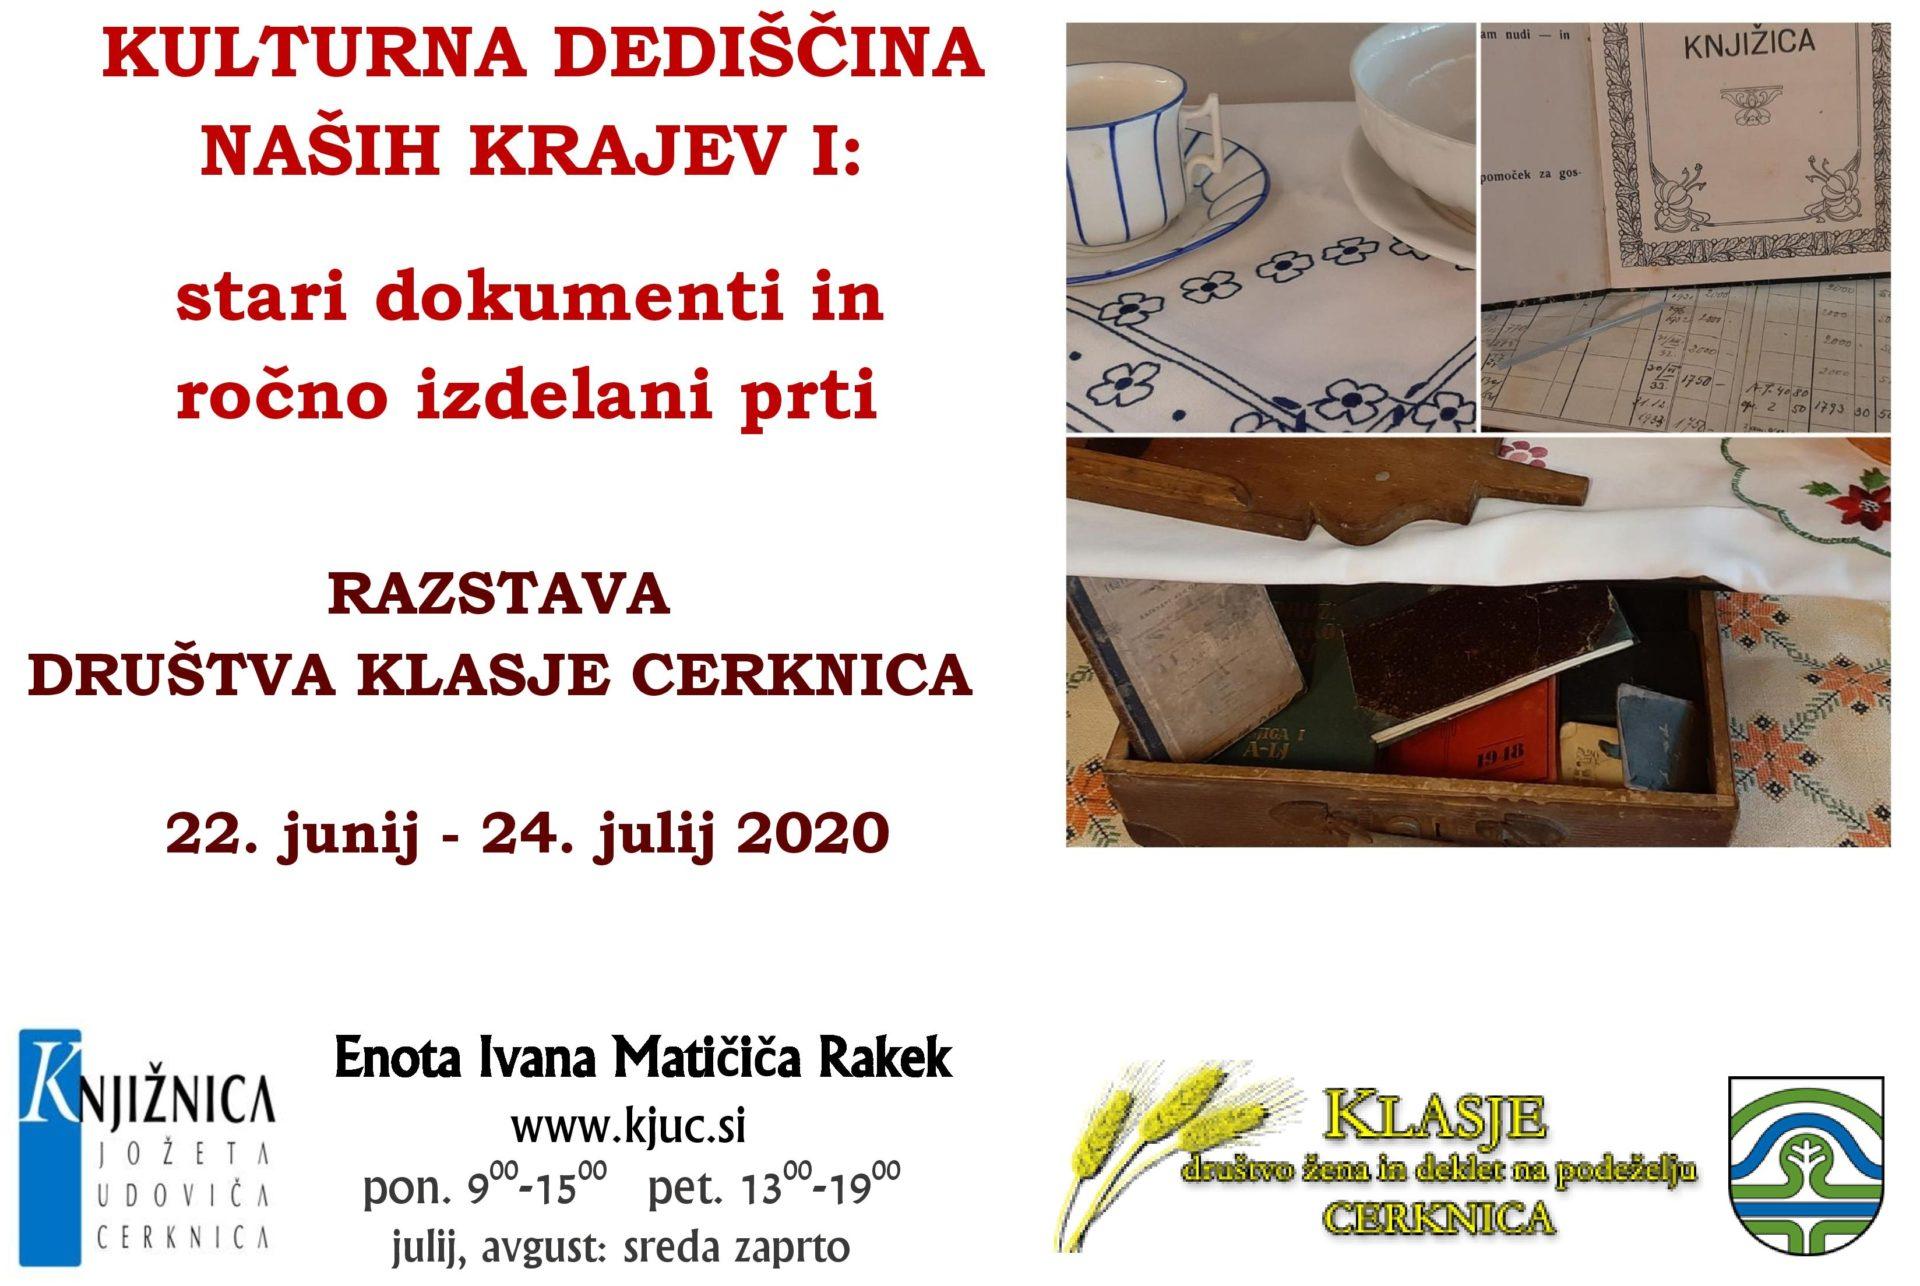 cover 2 - Kulturna dediščina naših krajev I - razstava društva Klasje Cerknica